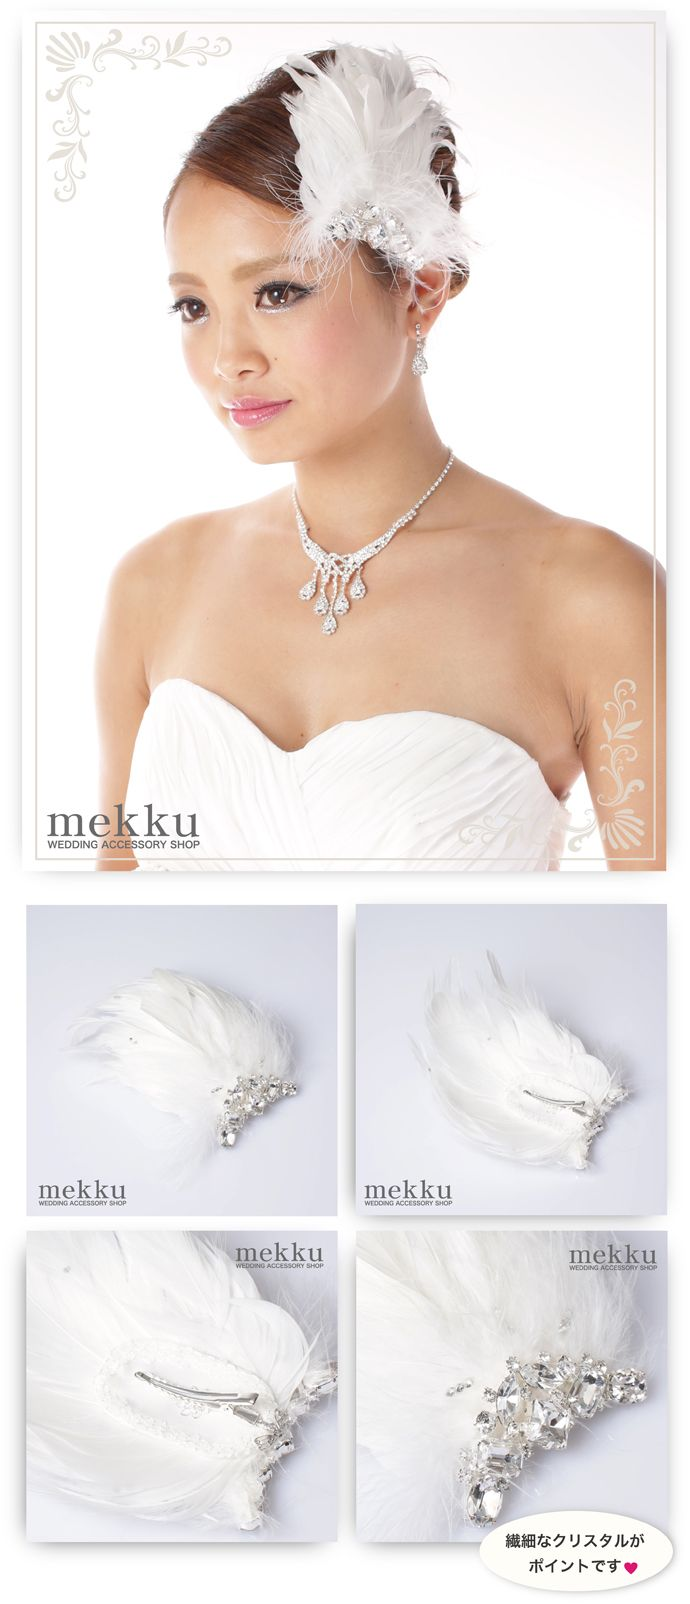 【ヘッドドレス】フェザークリスタルのヘッドドレス/ウェディングアクセサリー~mekku~【メック】